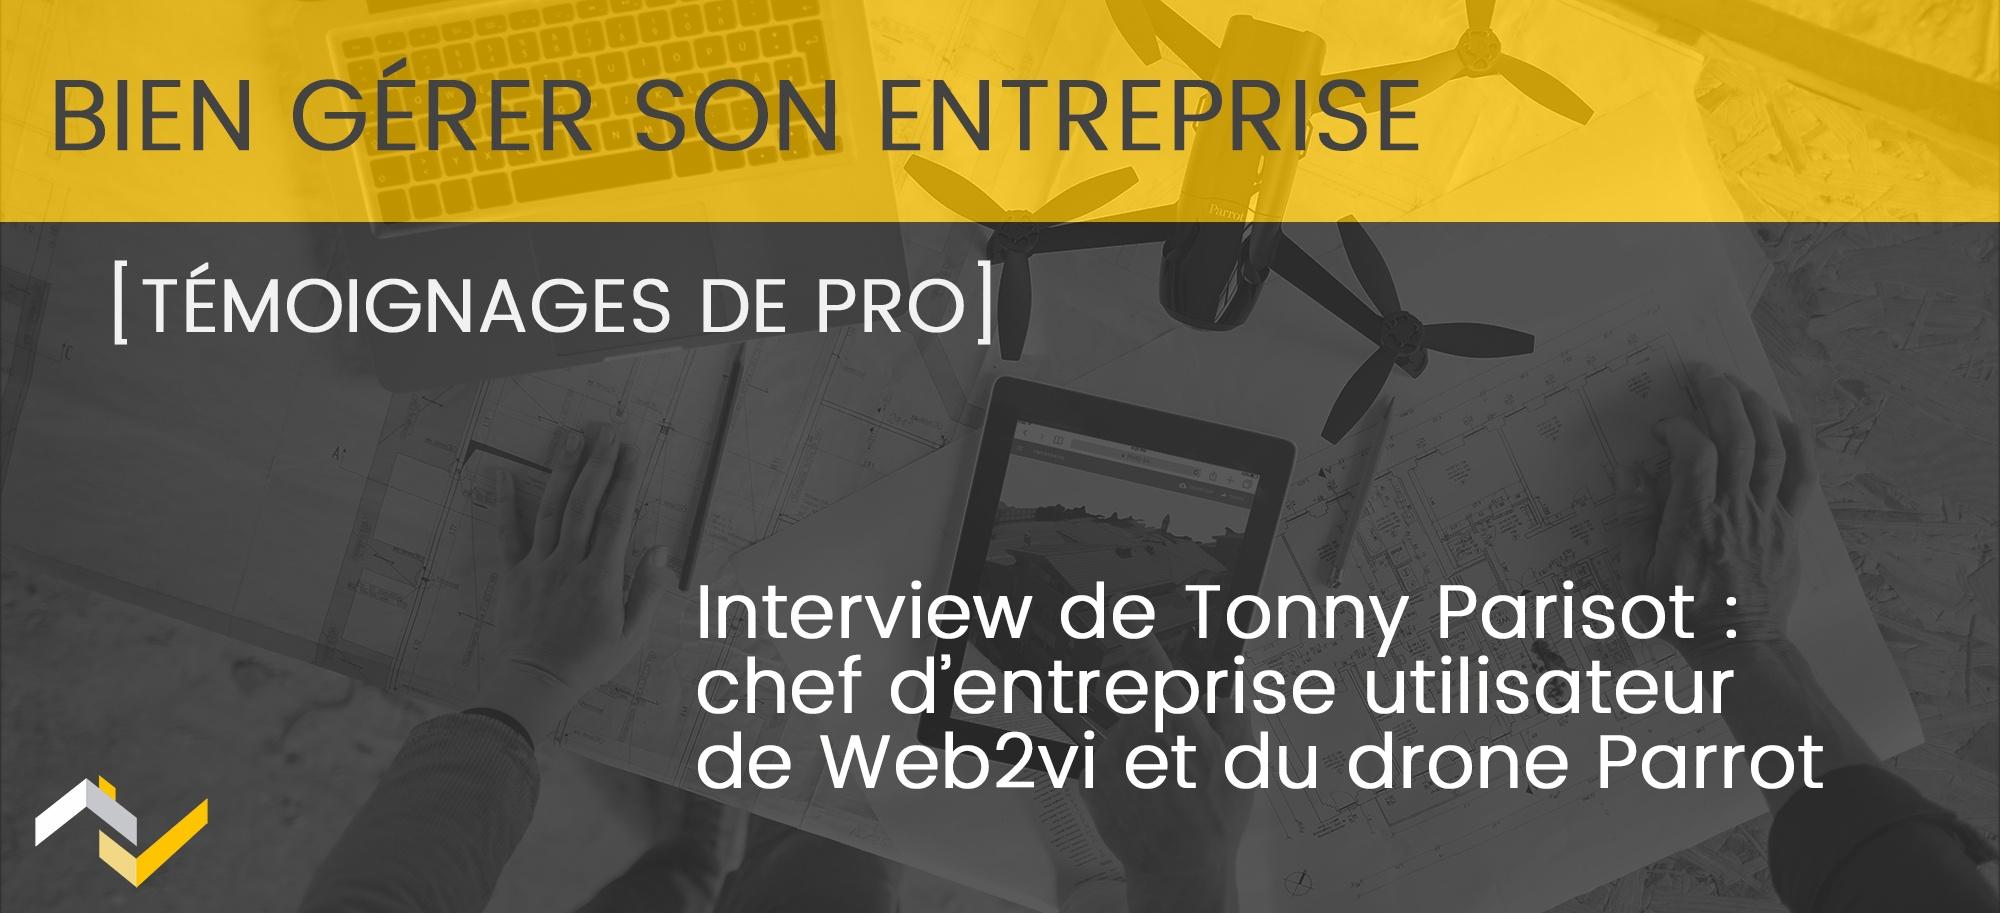 Interview de Tonny Parisot: utilisateur de Web2vi et du drone Parrot